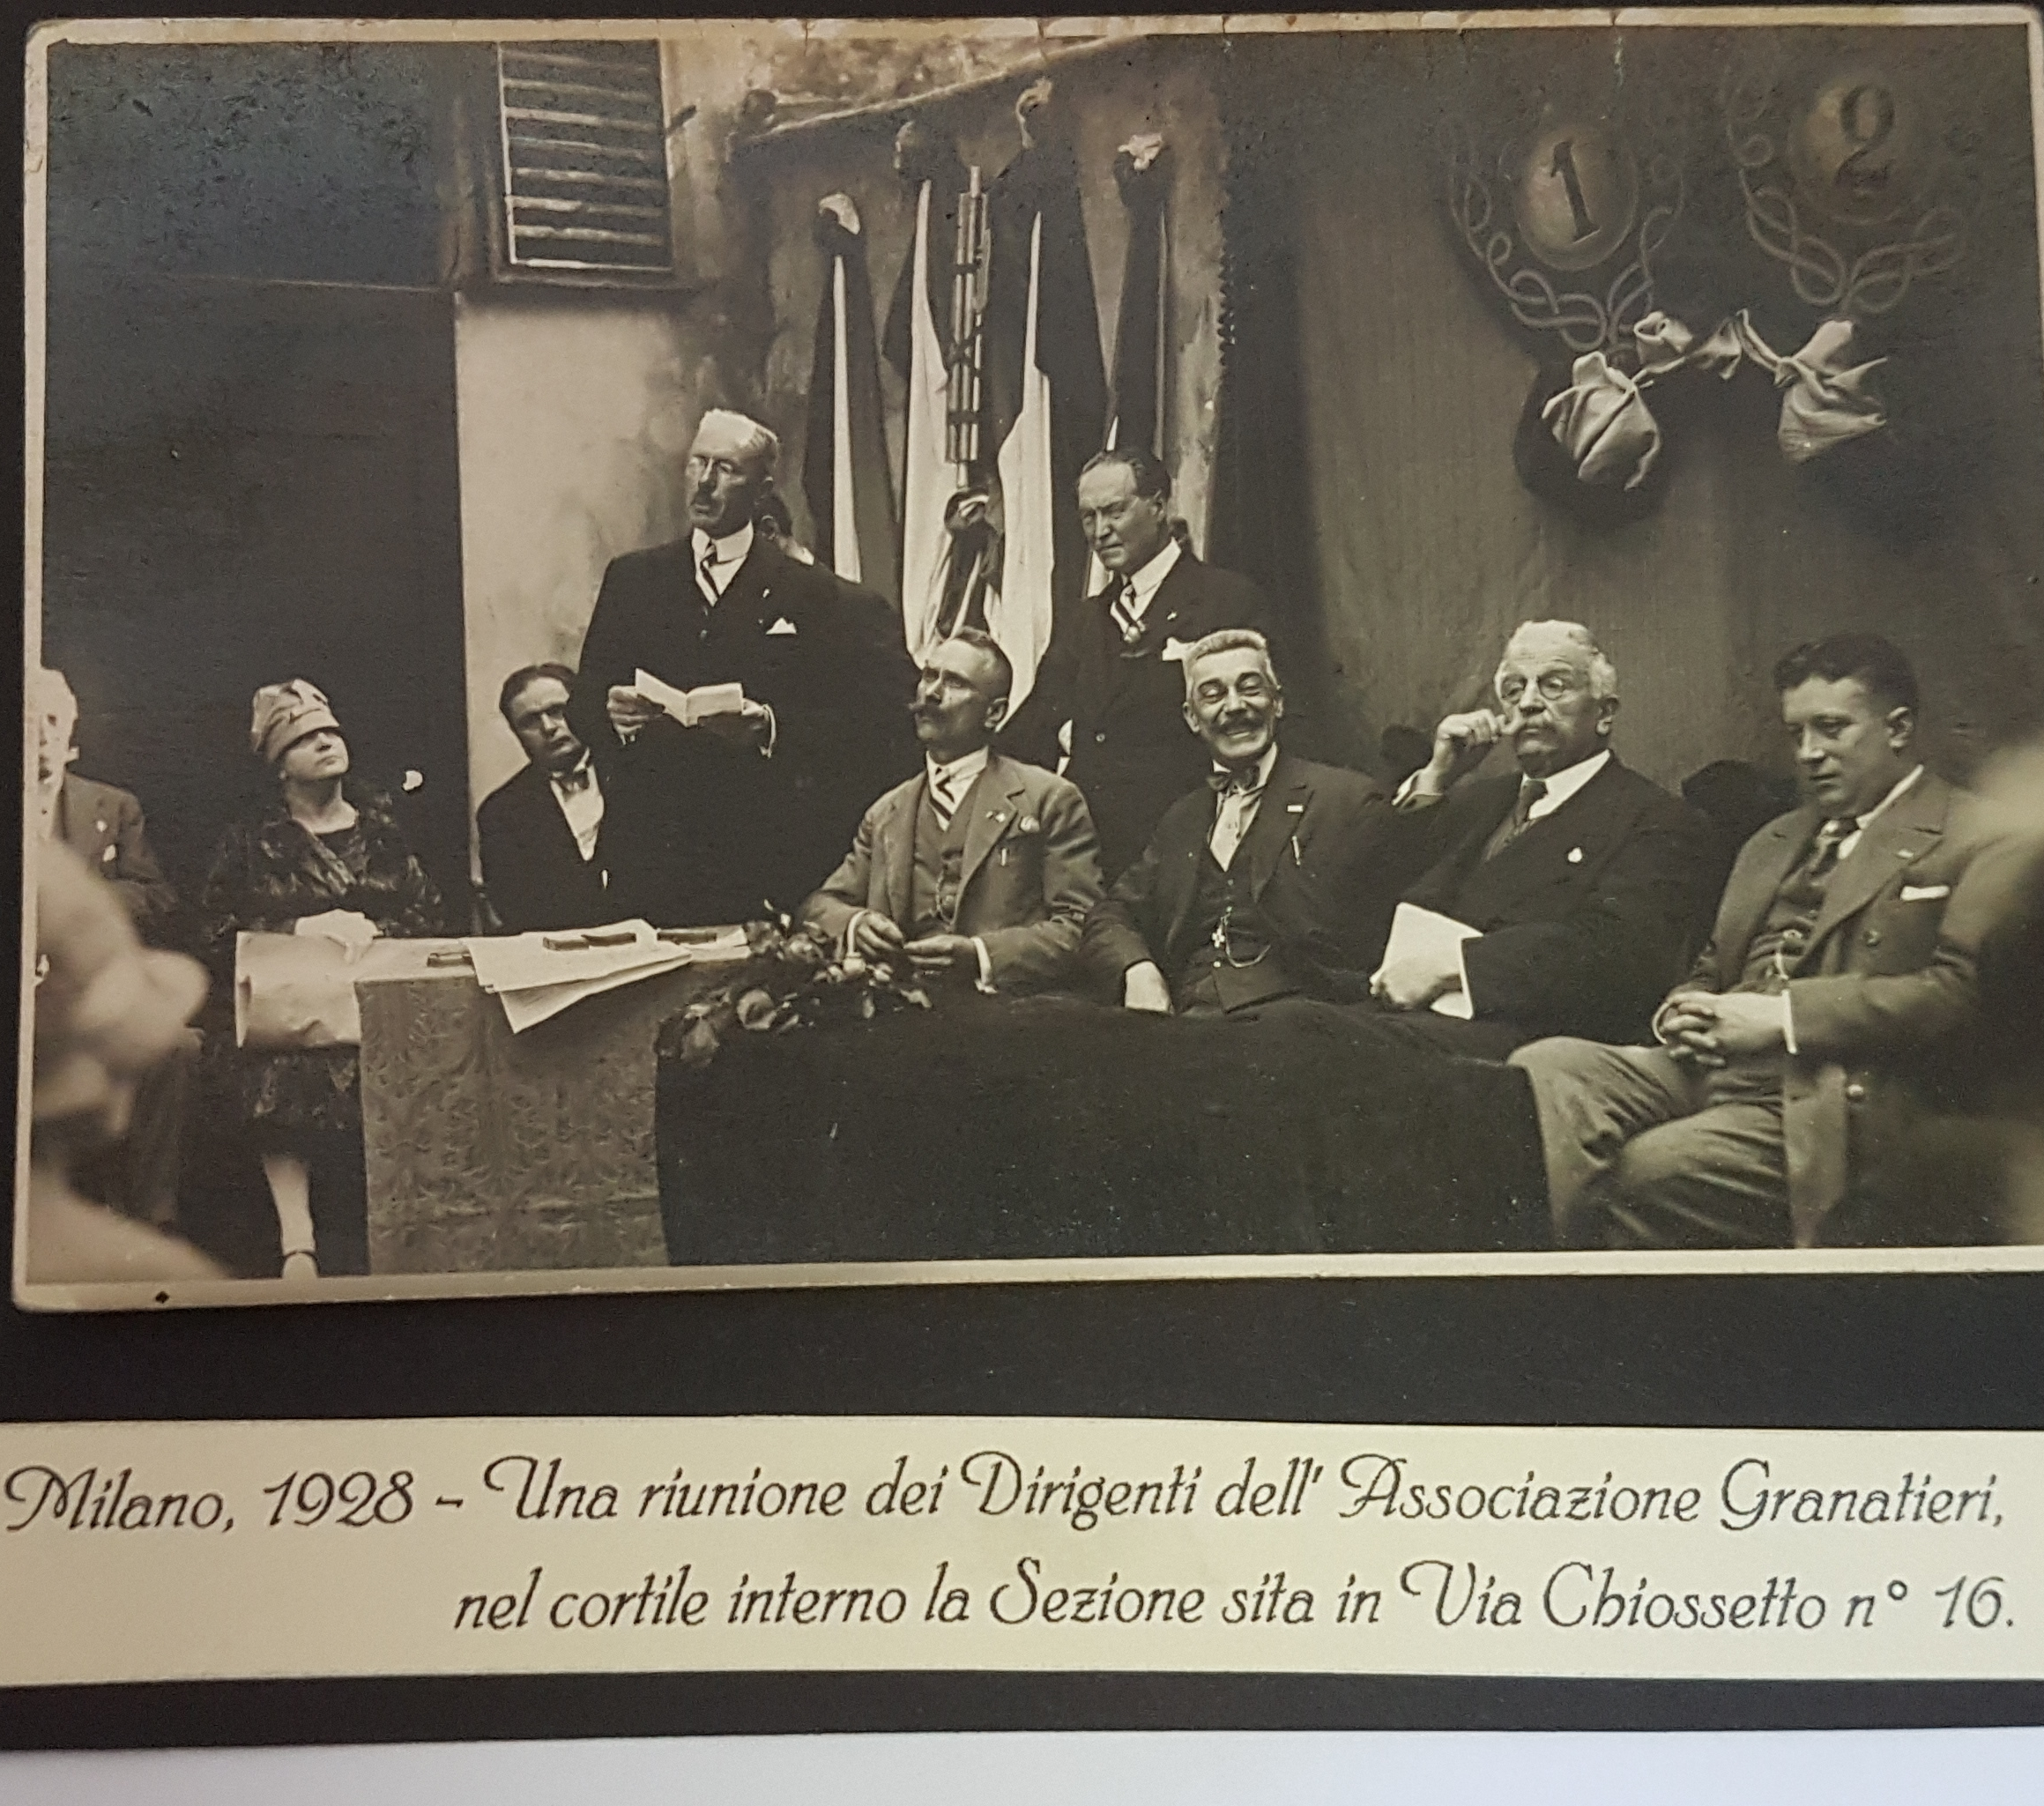 1928 - riunione dirigenti Associazione in Milano